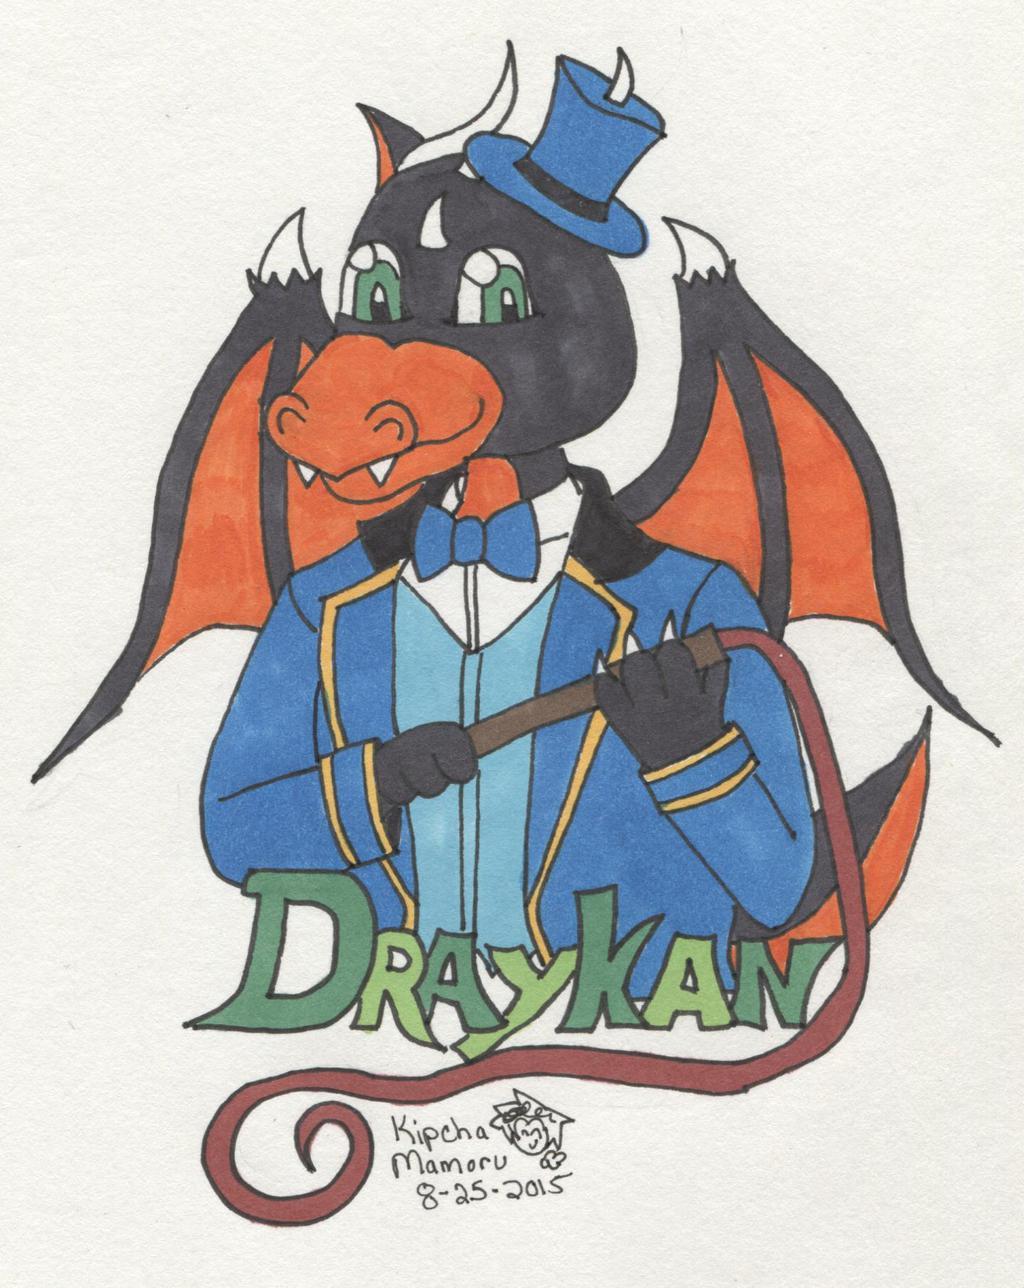 Draykan Badge - 2015